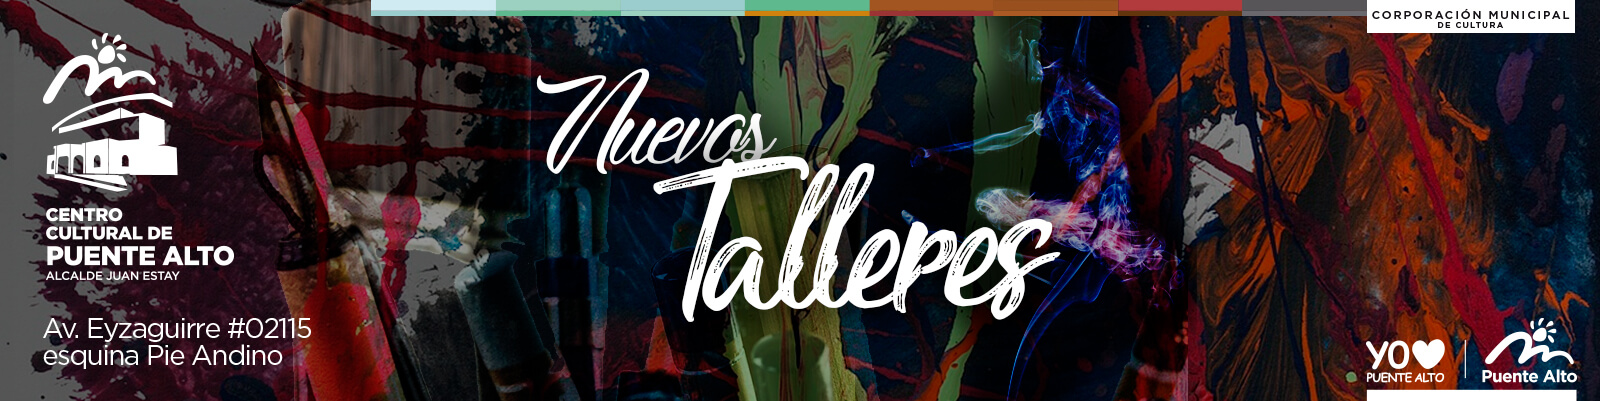 Tres nuevos talleres se suman al Centro Cultural de Puente Alto